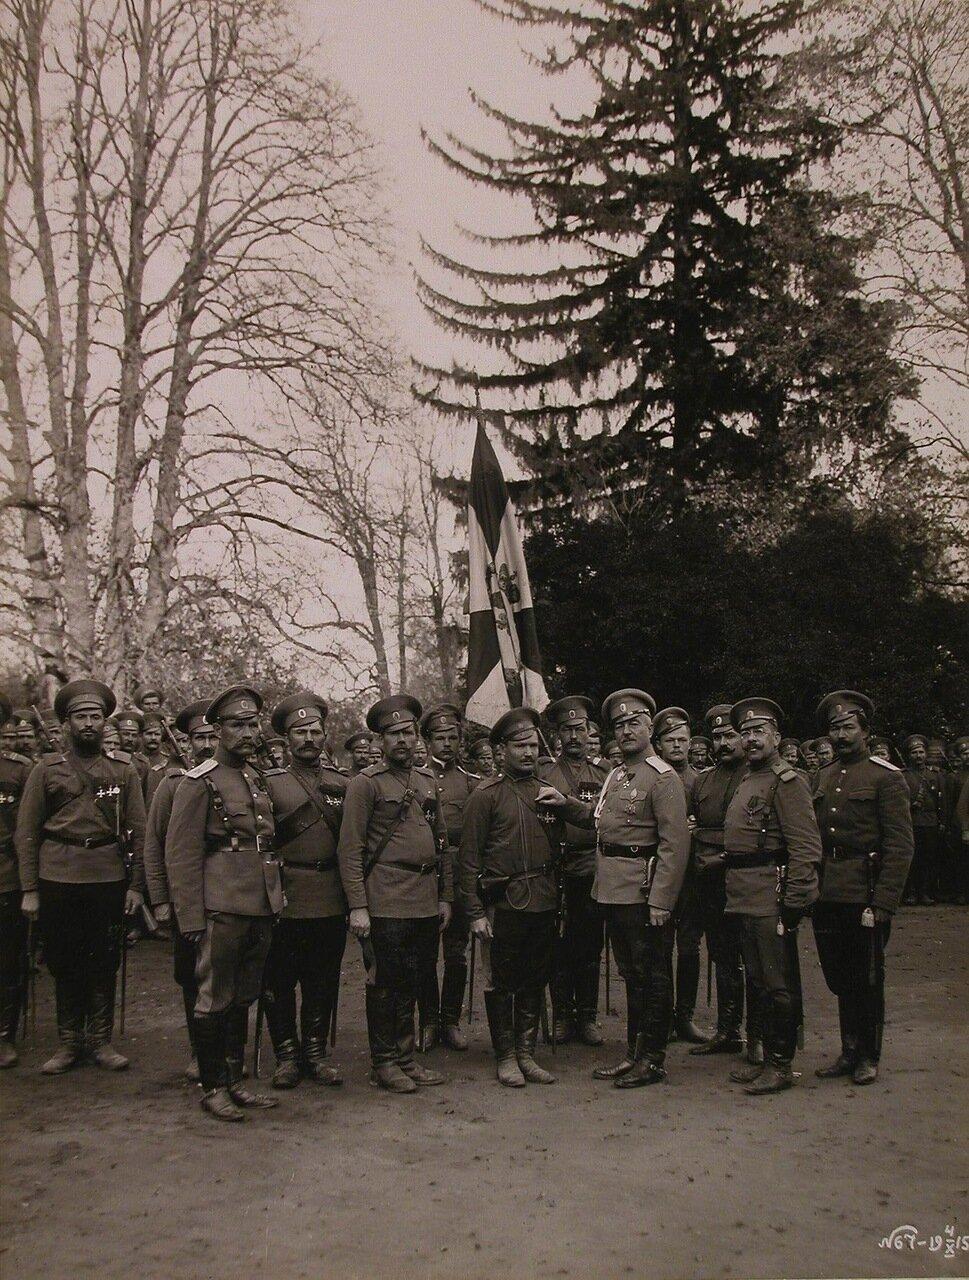 18. Командир 24-го армейского корпуса генерал от кавалерии Цуриков(пятый справа) во время награждения бойцов Георгиевскими крестами